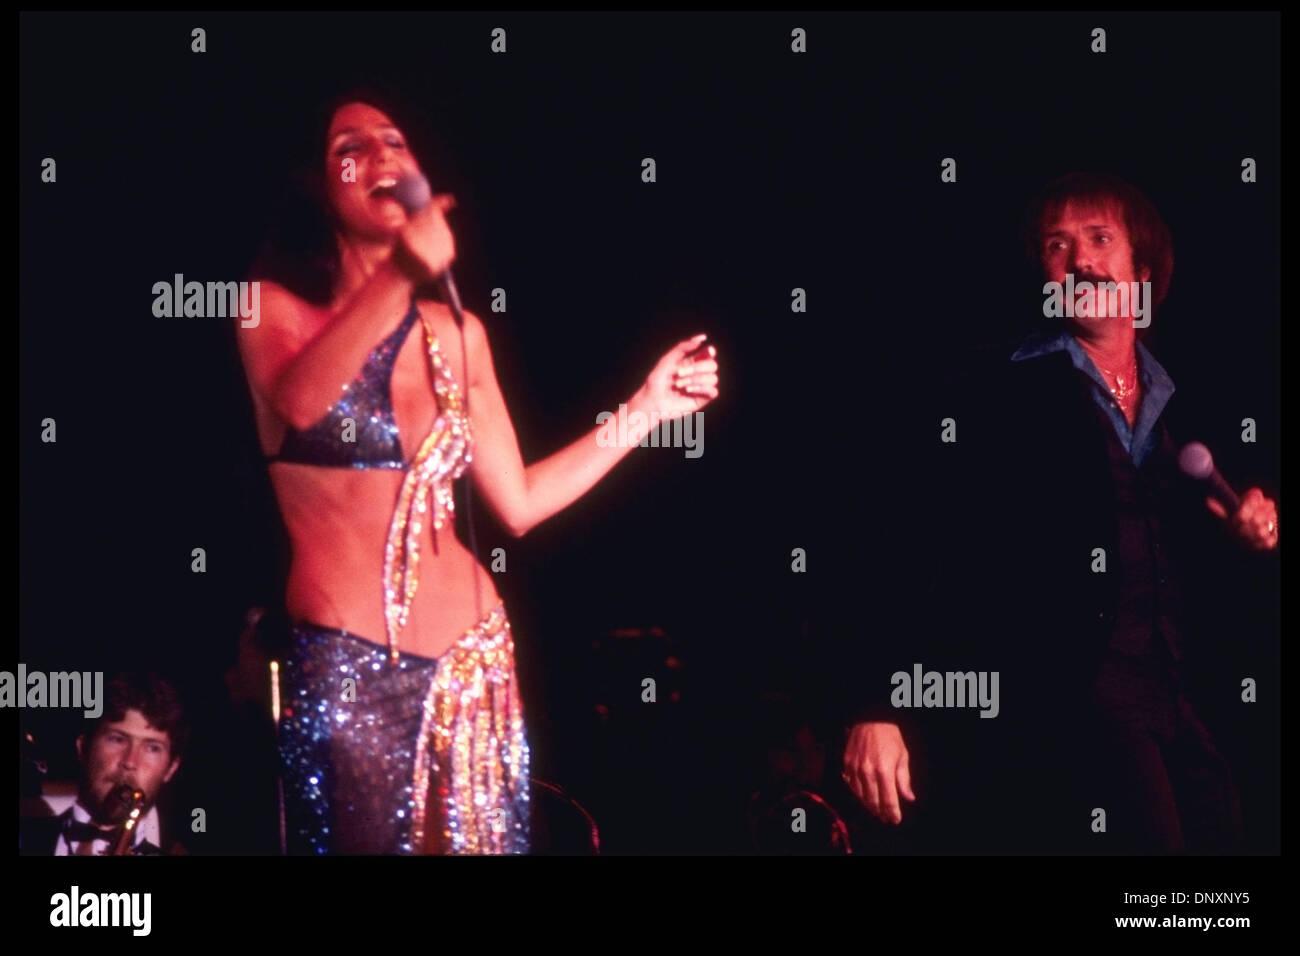 Hollywood, CA, EE.UU.; Cher y Sonny Bono actuando en una foto sin fecha. Crédito obligatorio: Kathy Hutchins/ZUMA Press. (©) Kathy Hutchins Imagen De Stock